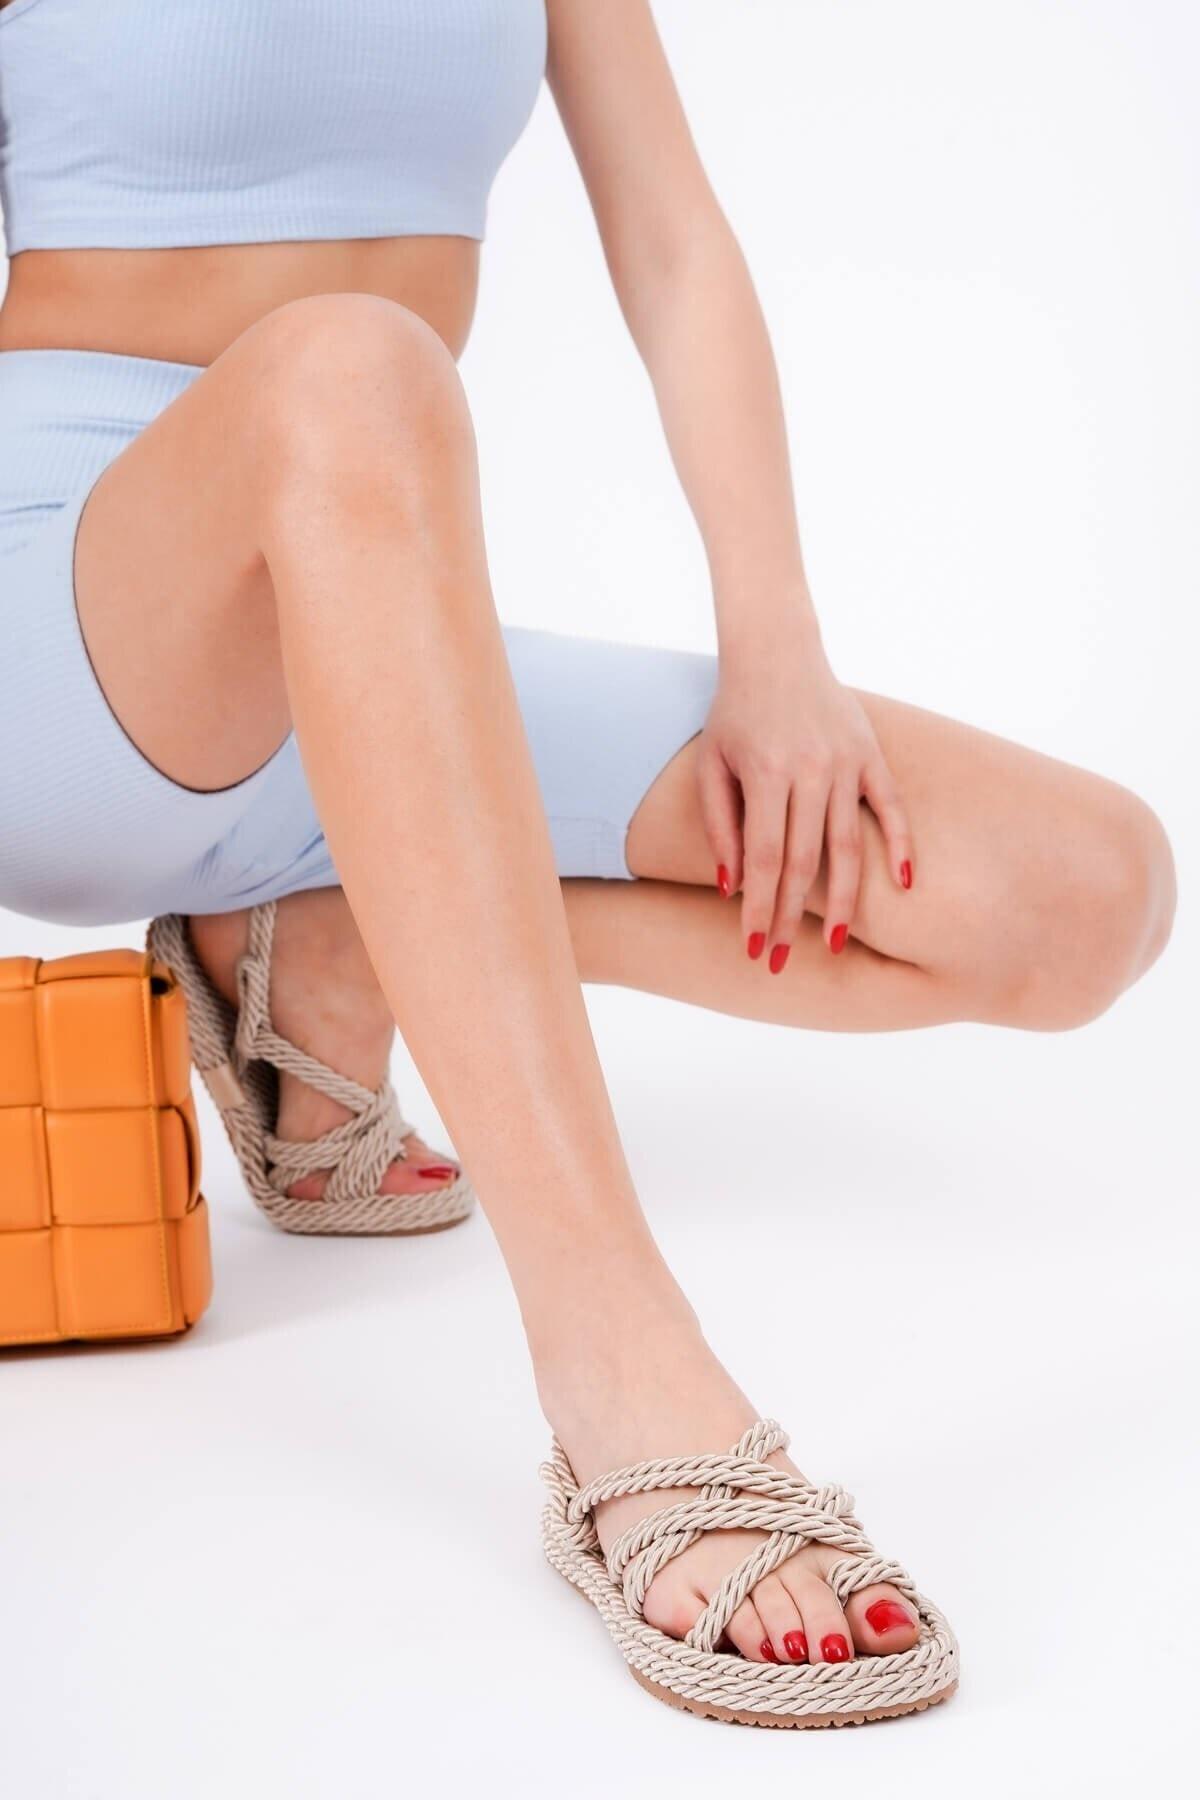 Rope Bej Halat Sargılı Yazlık Sandalet